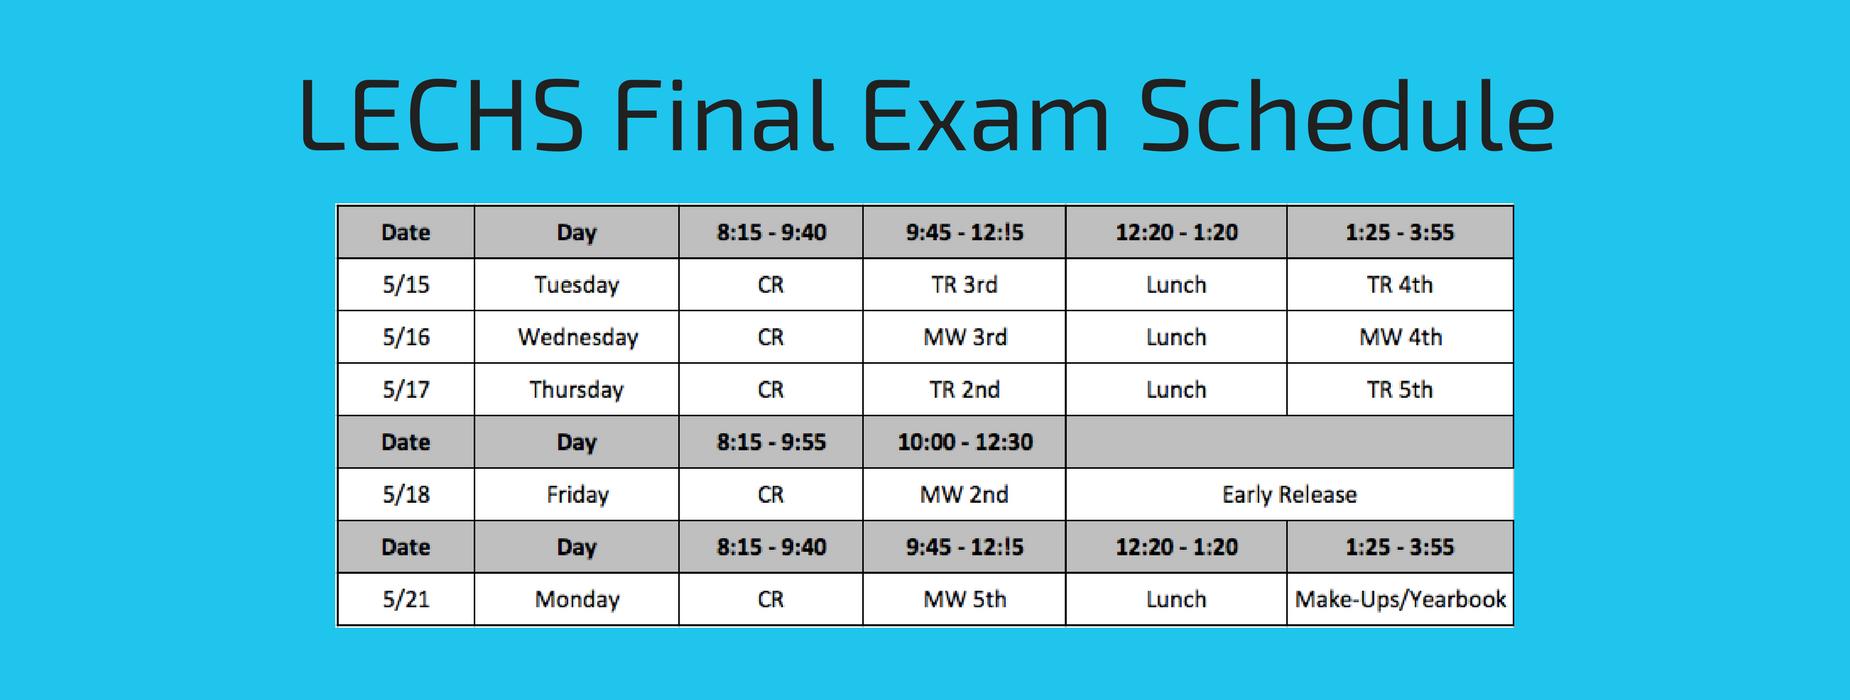 LECHS Final Exam Schedule